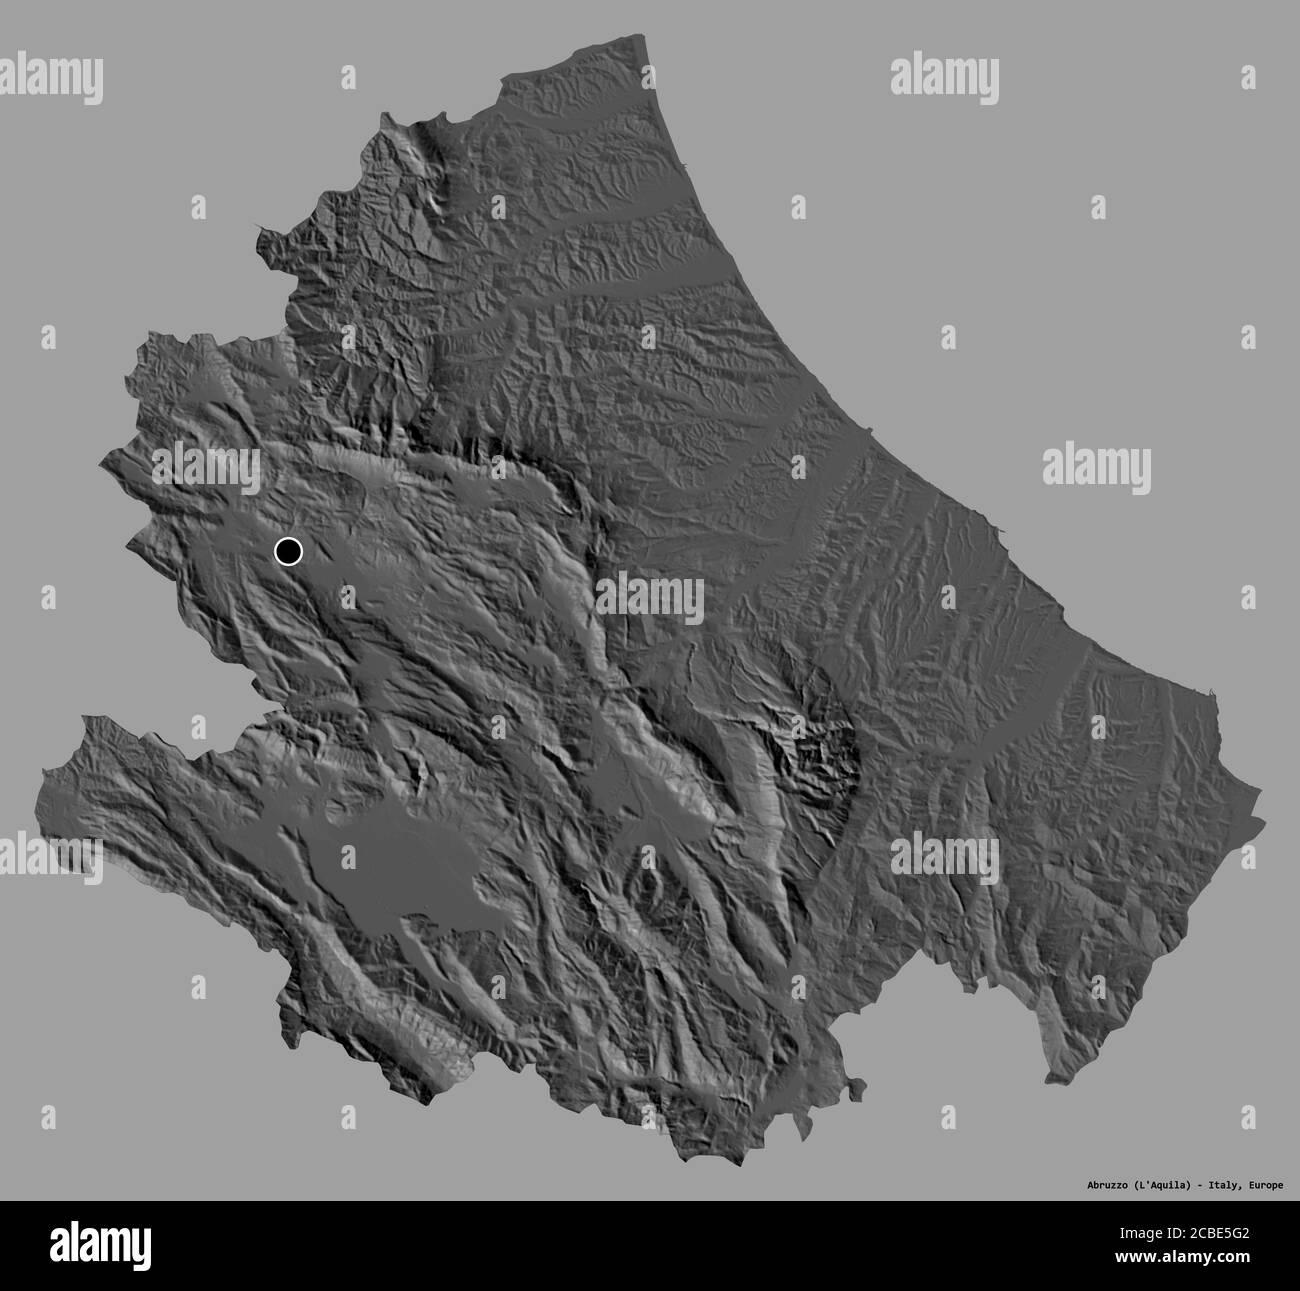 Cartina Della Regione Abruzzo.Mappa Della Regione Abruzzo Foto E Immagini Stock In Bianco E Nero Alamy